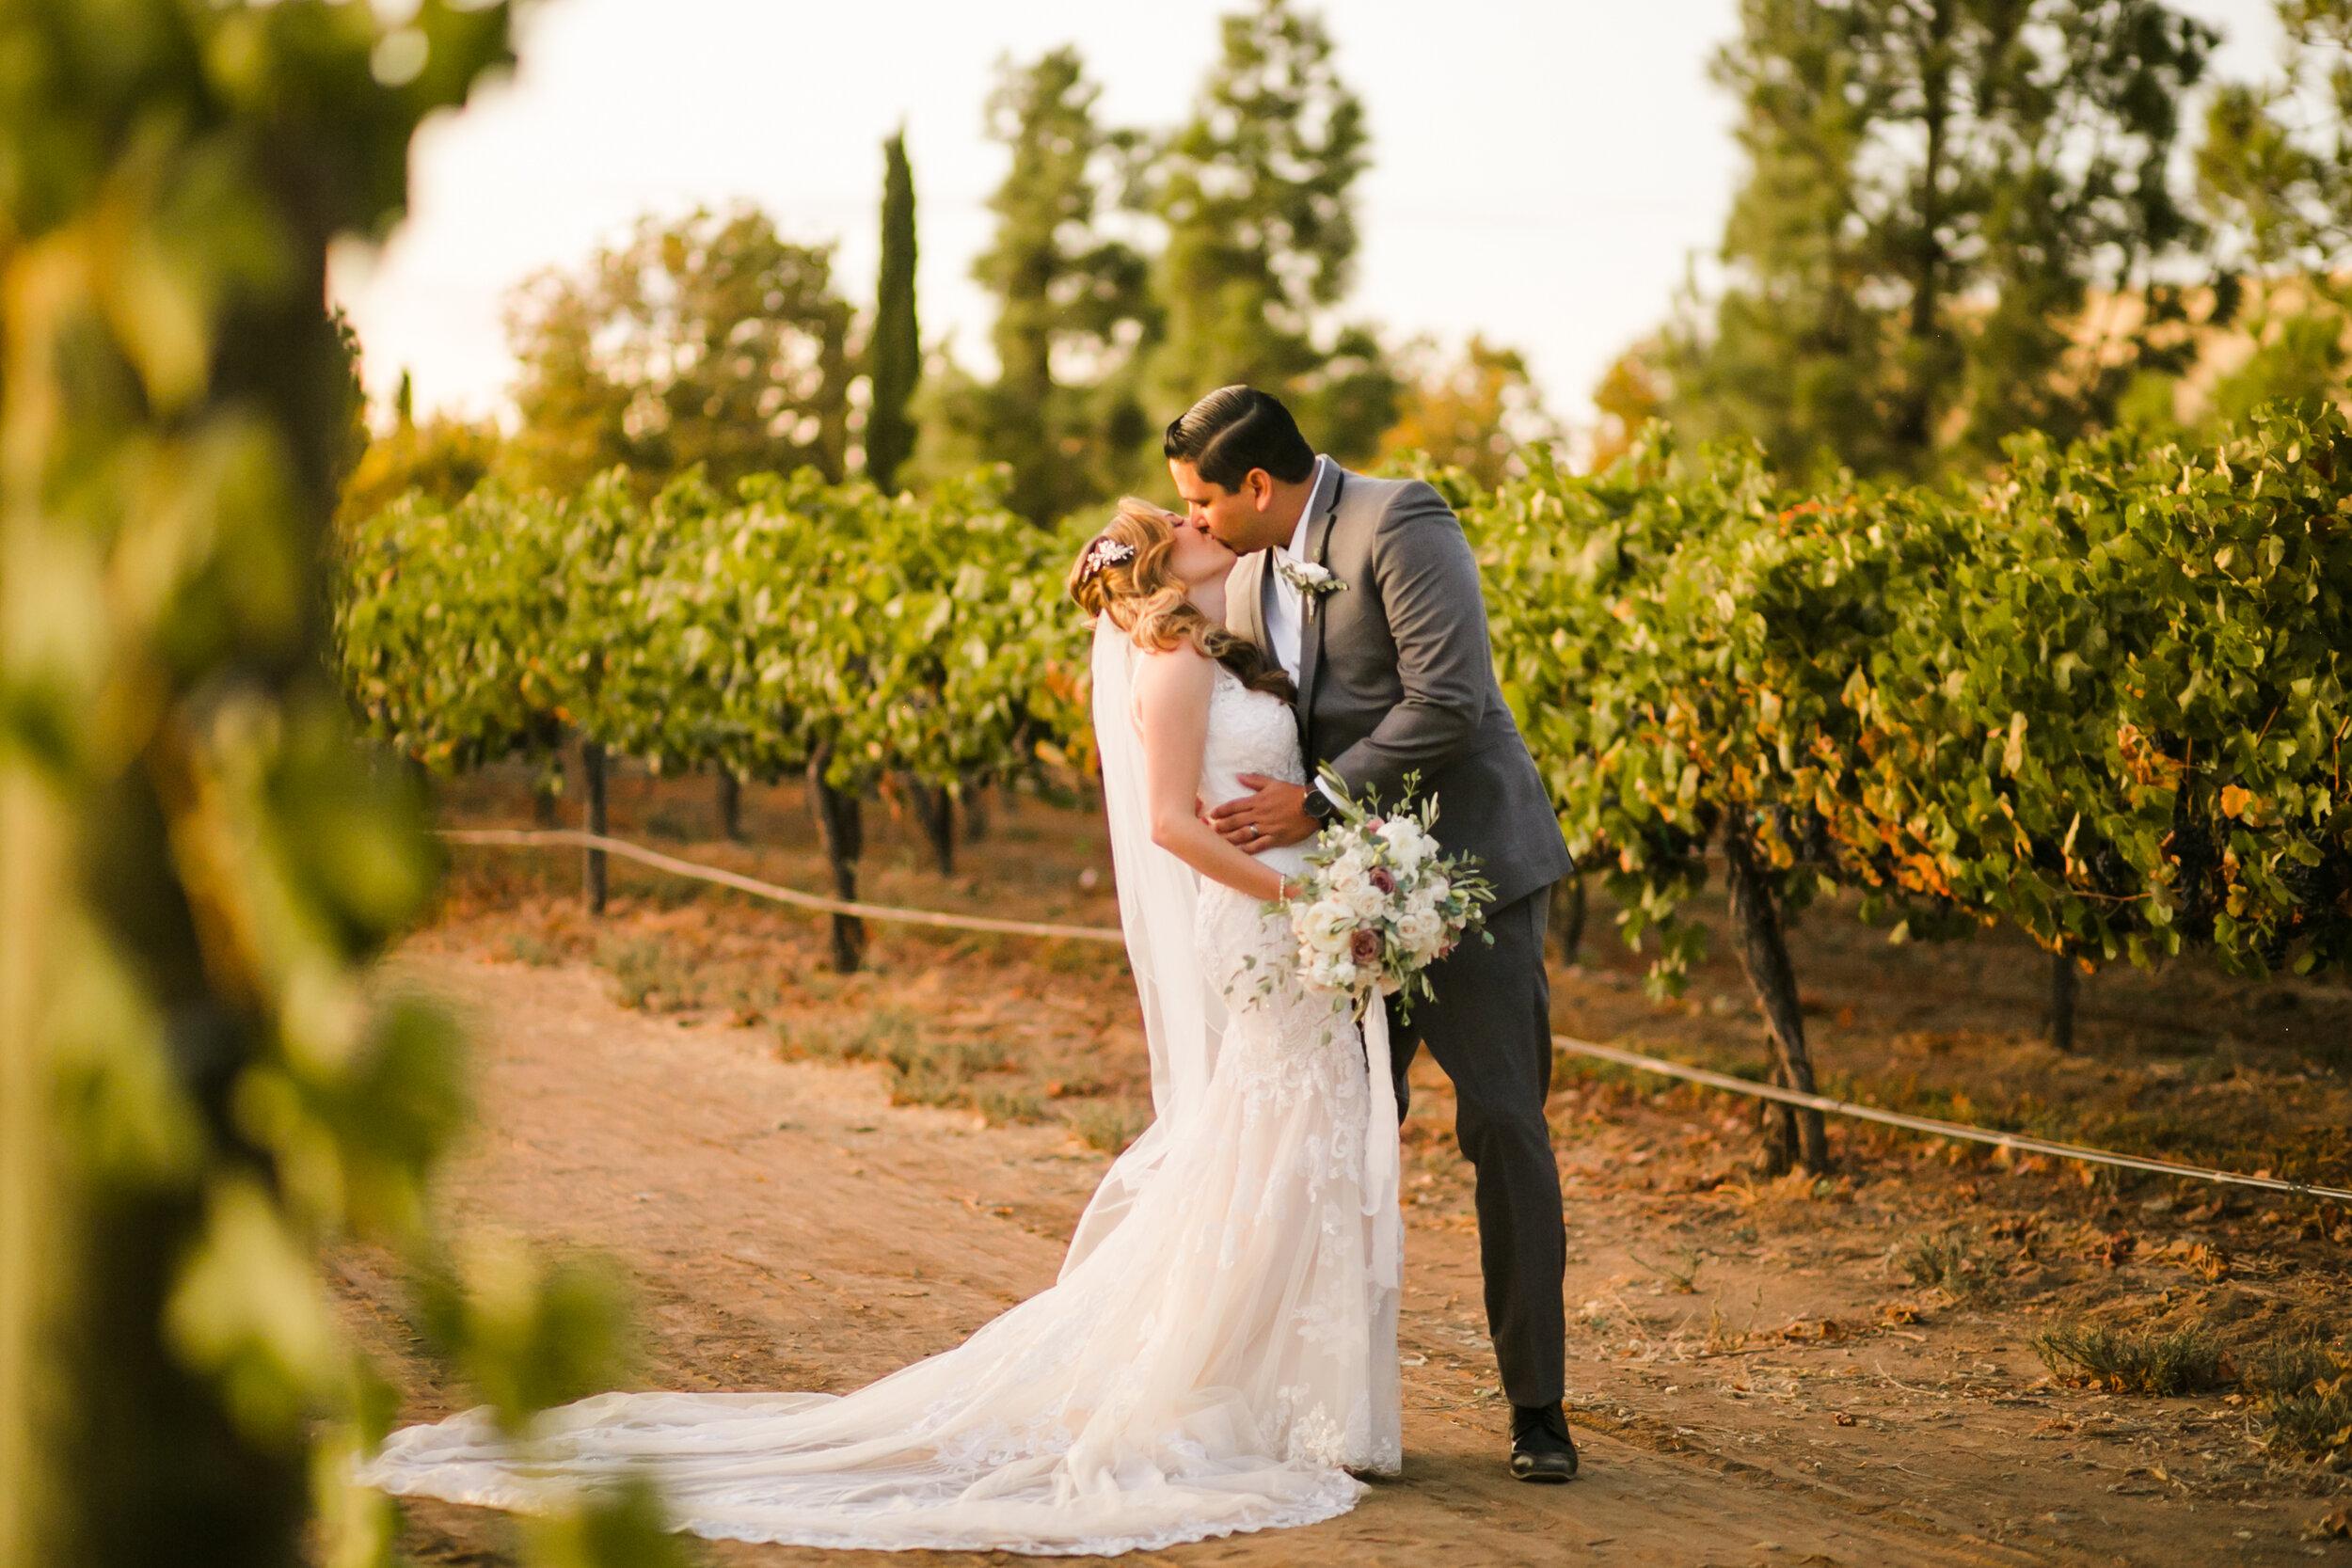 A Fall Vineyard Wedding at South Coast Winery - Temecula, Ca